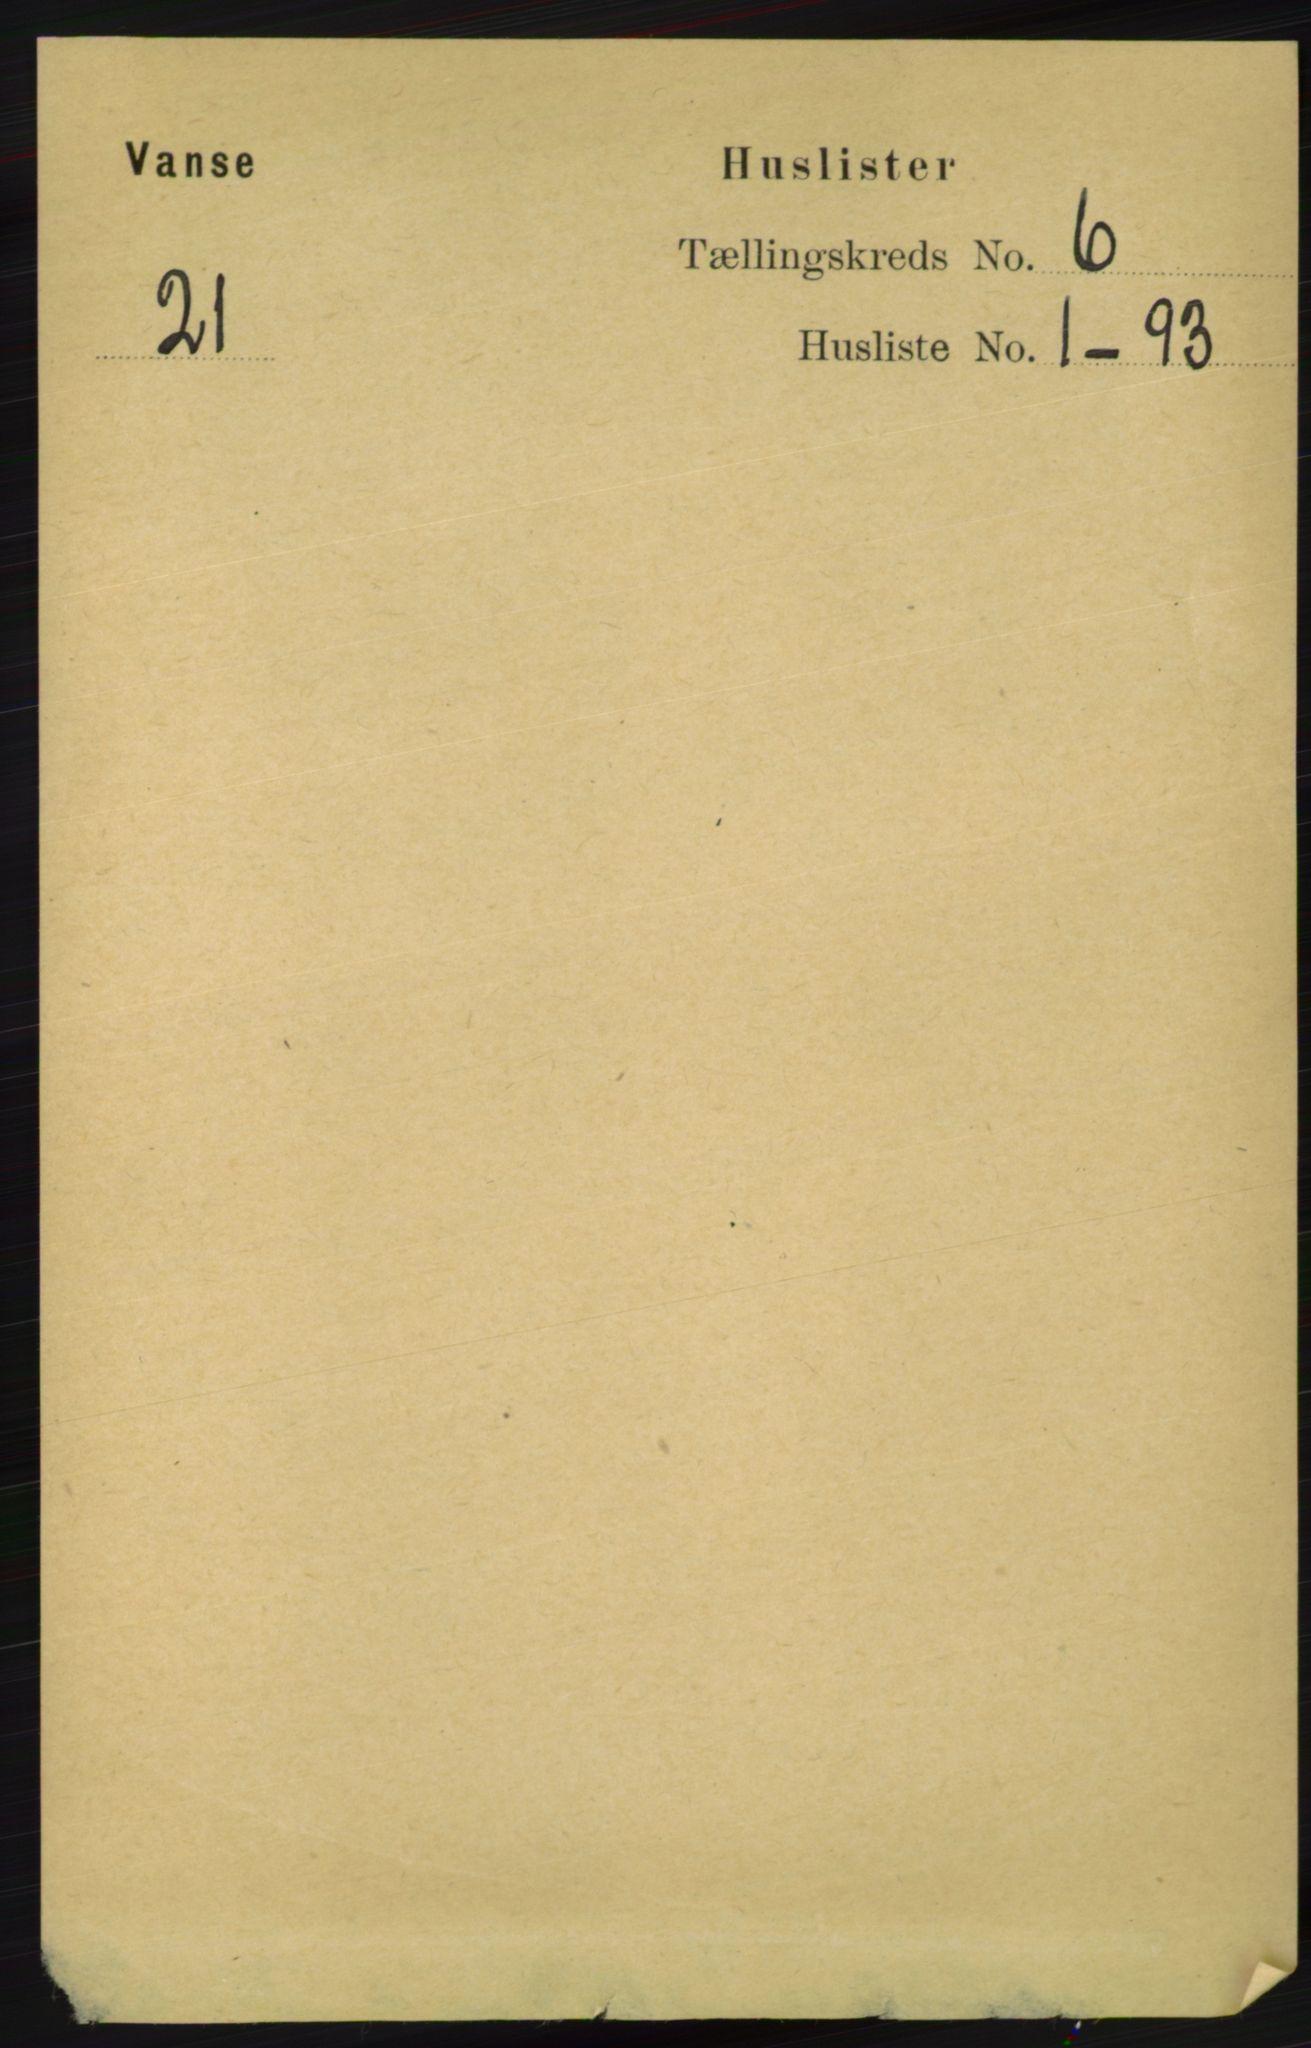 RA, Folketelling 1891 for 1041 Vanse herred, 1891, s. 3398